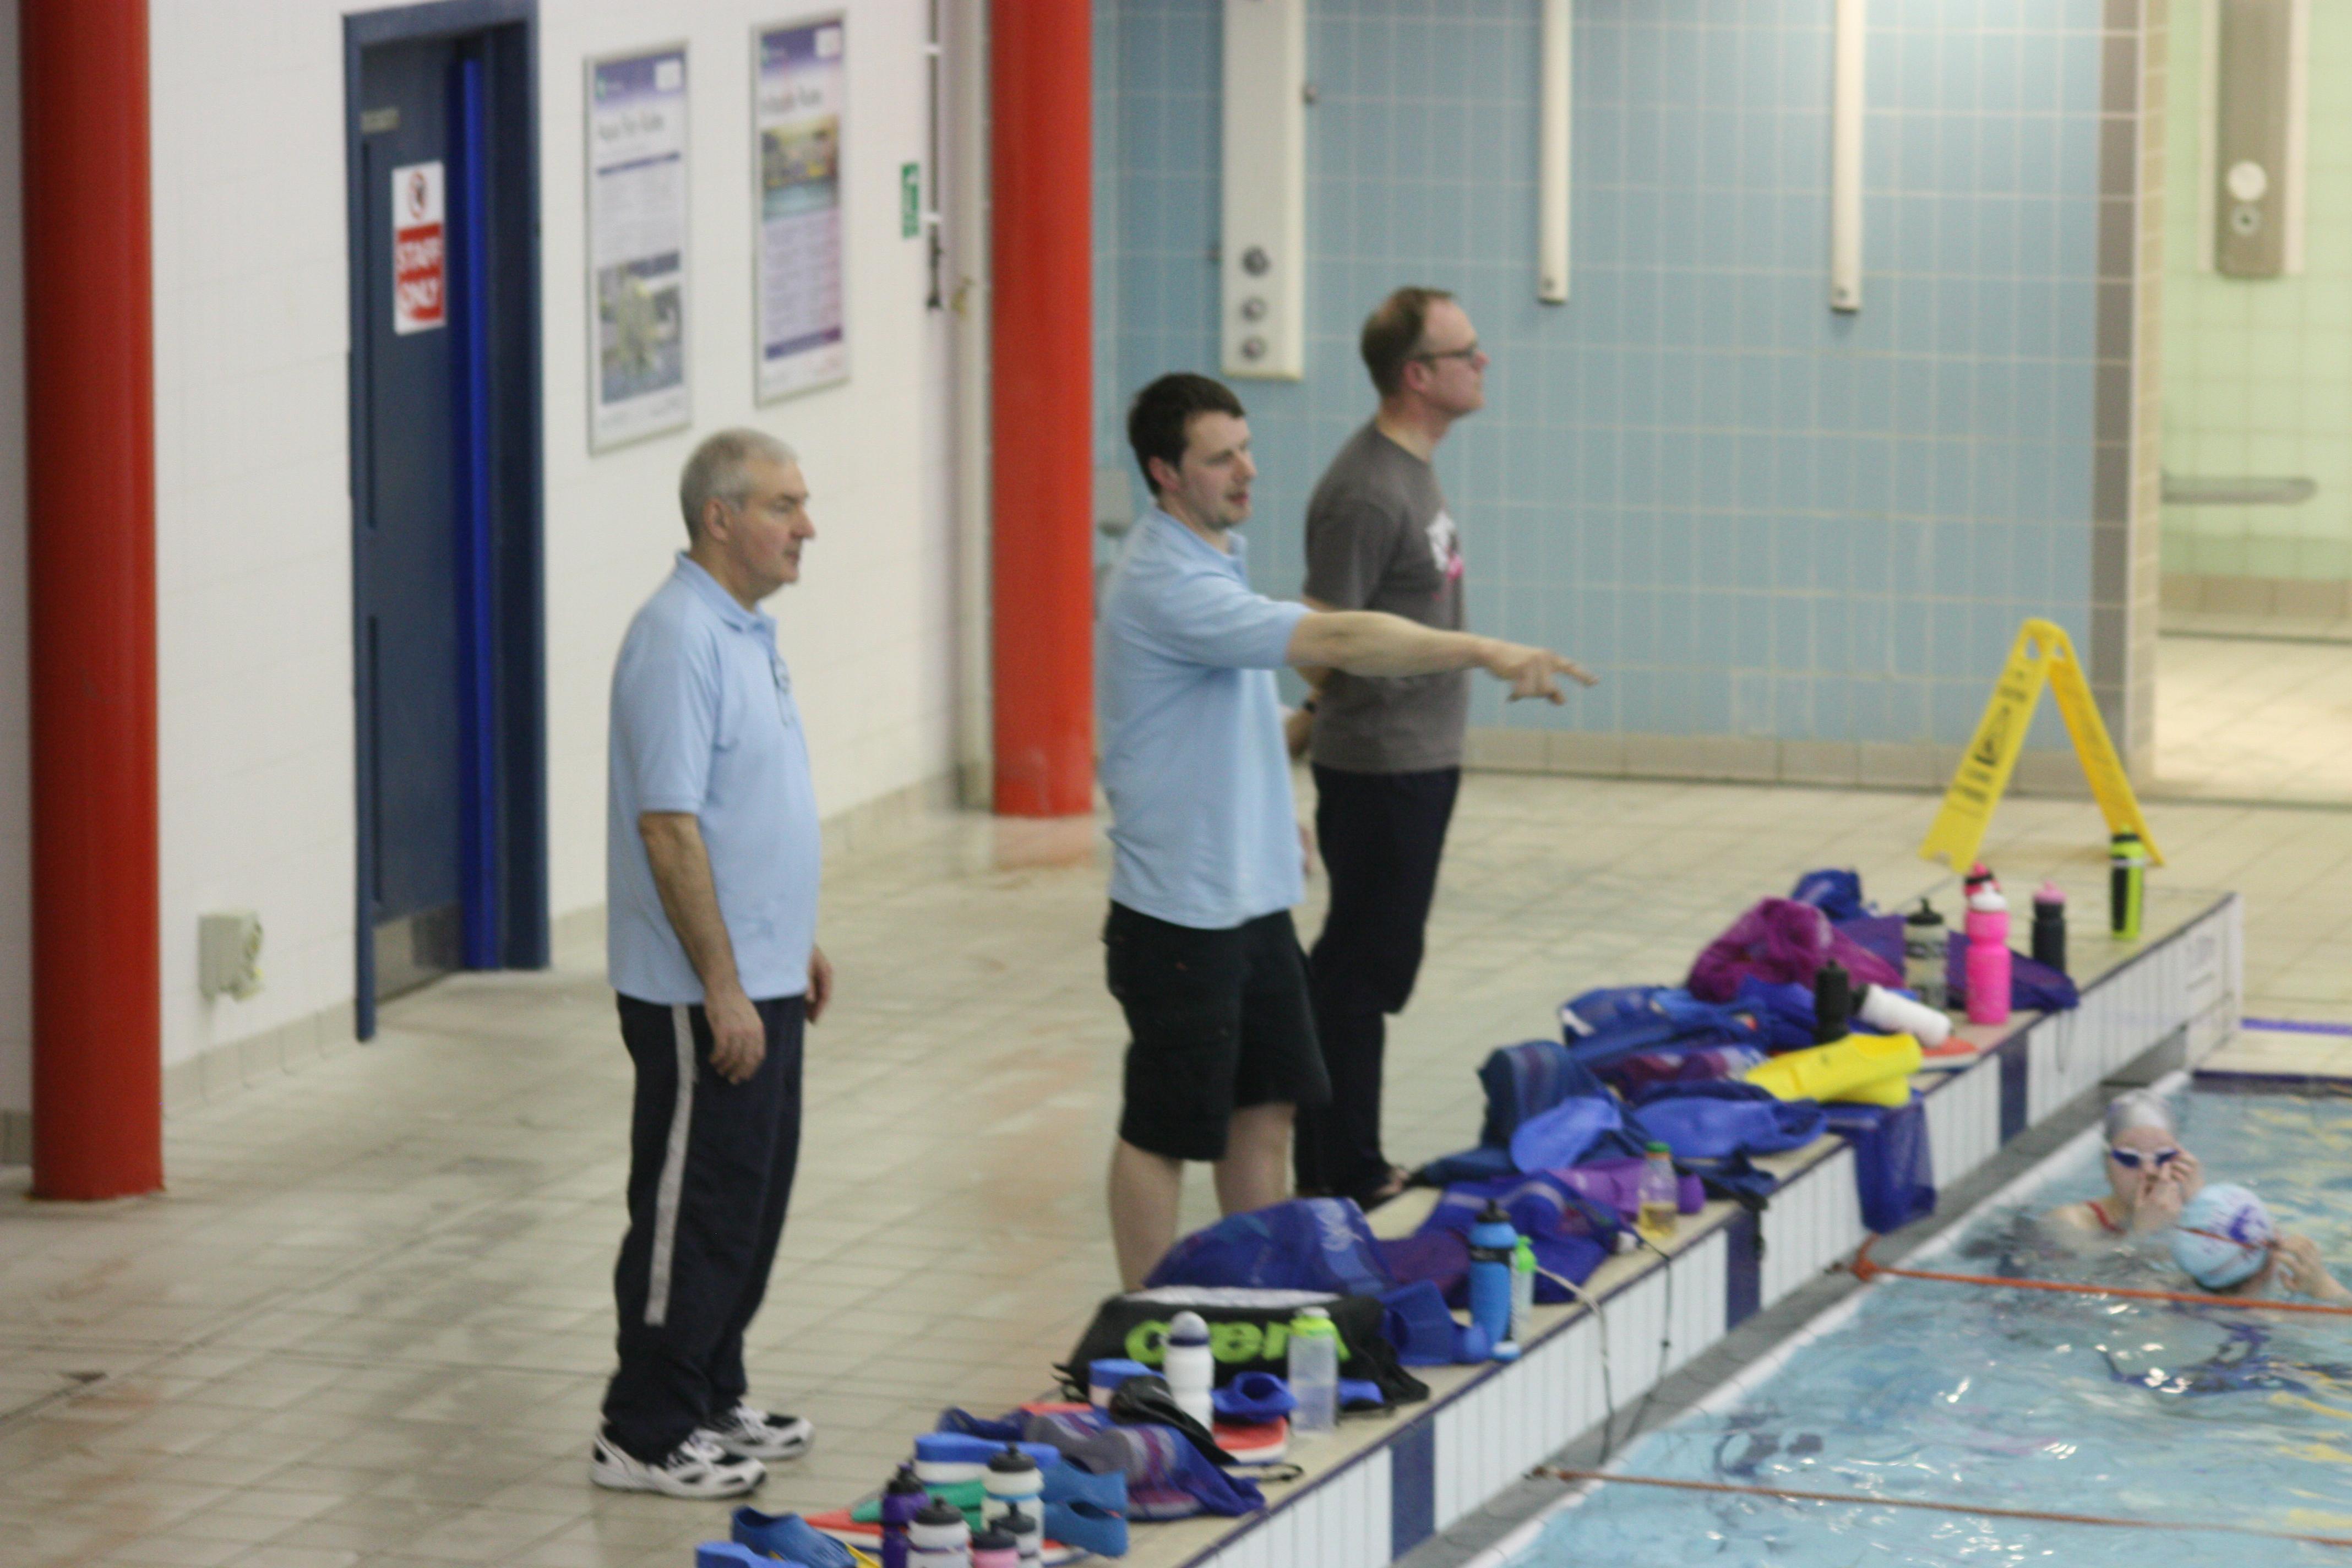 Paul, Ray & Paul coaching